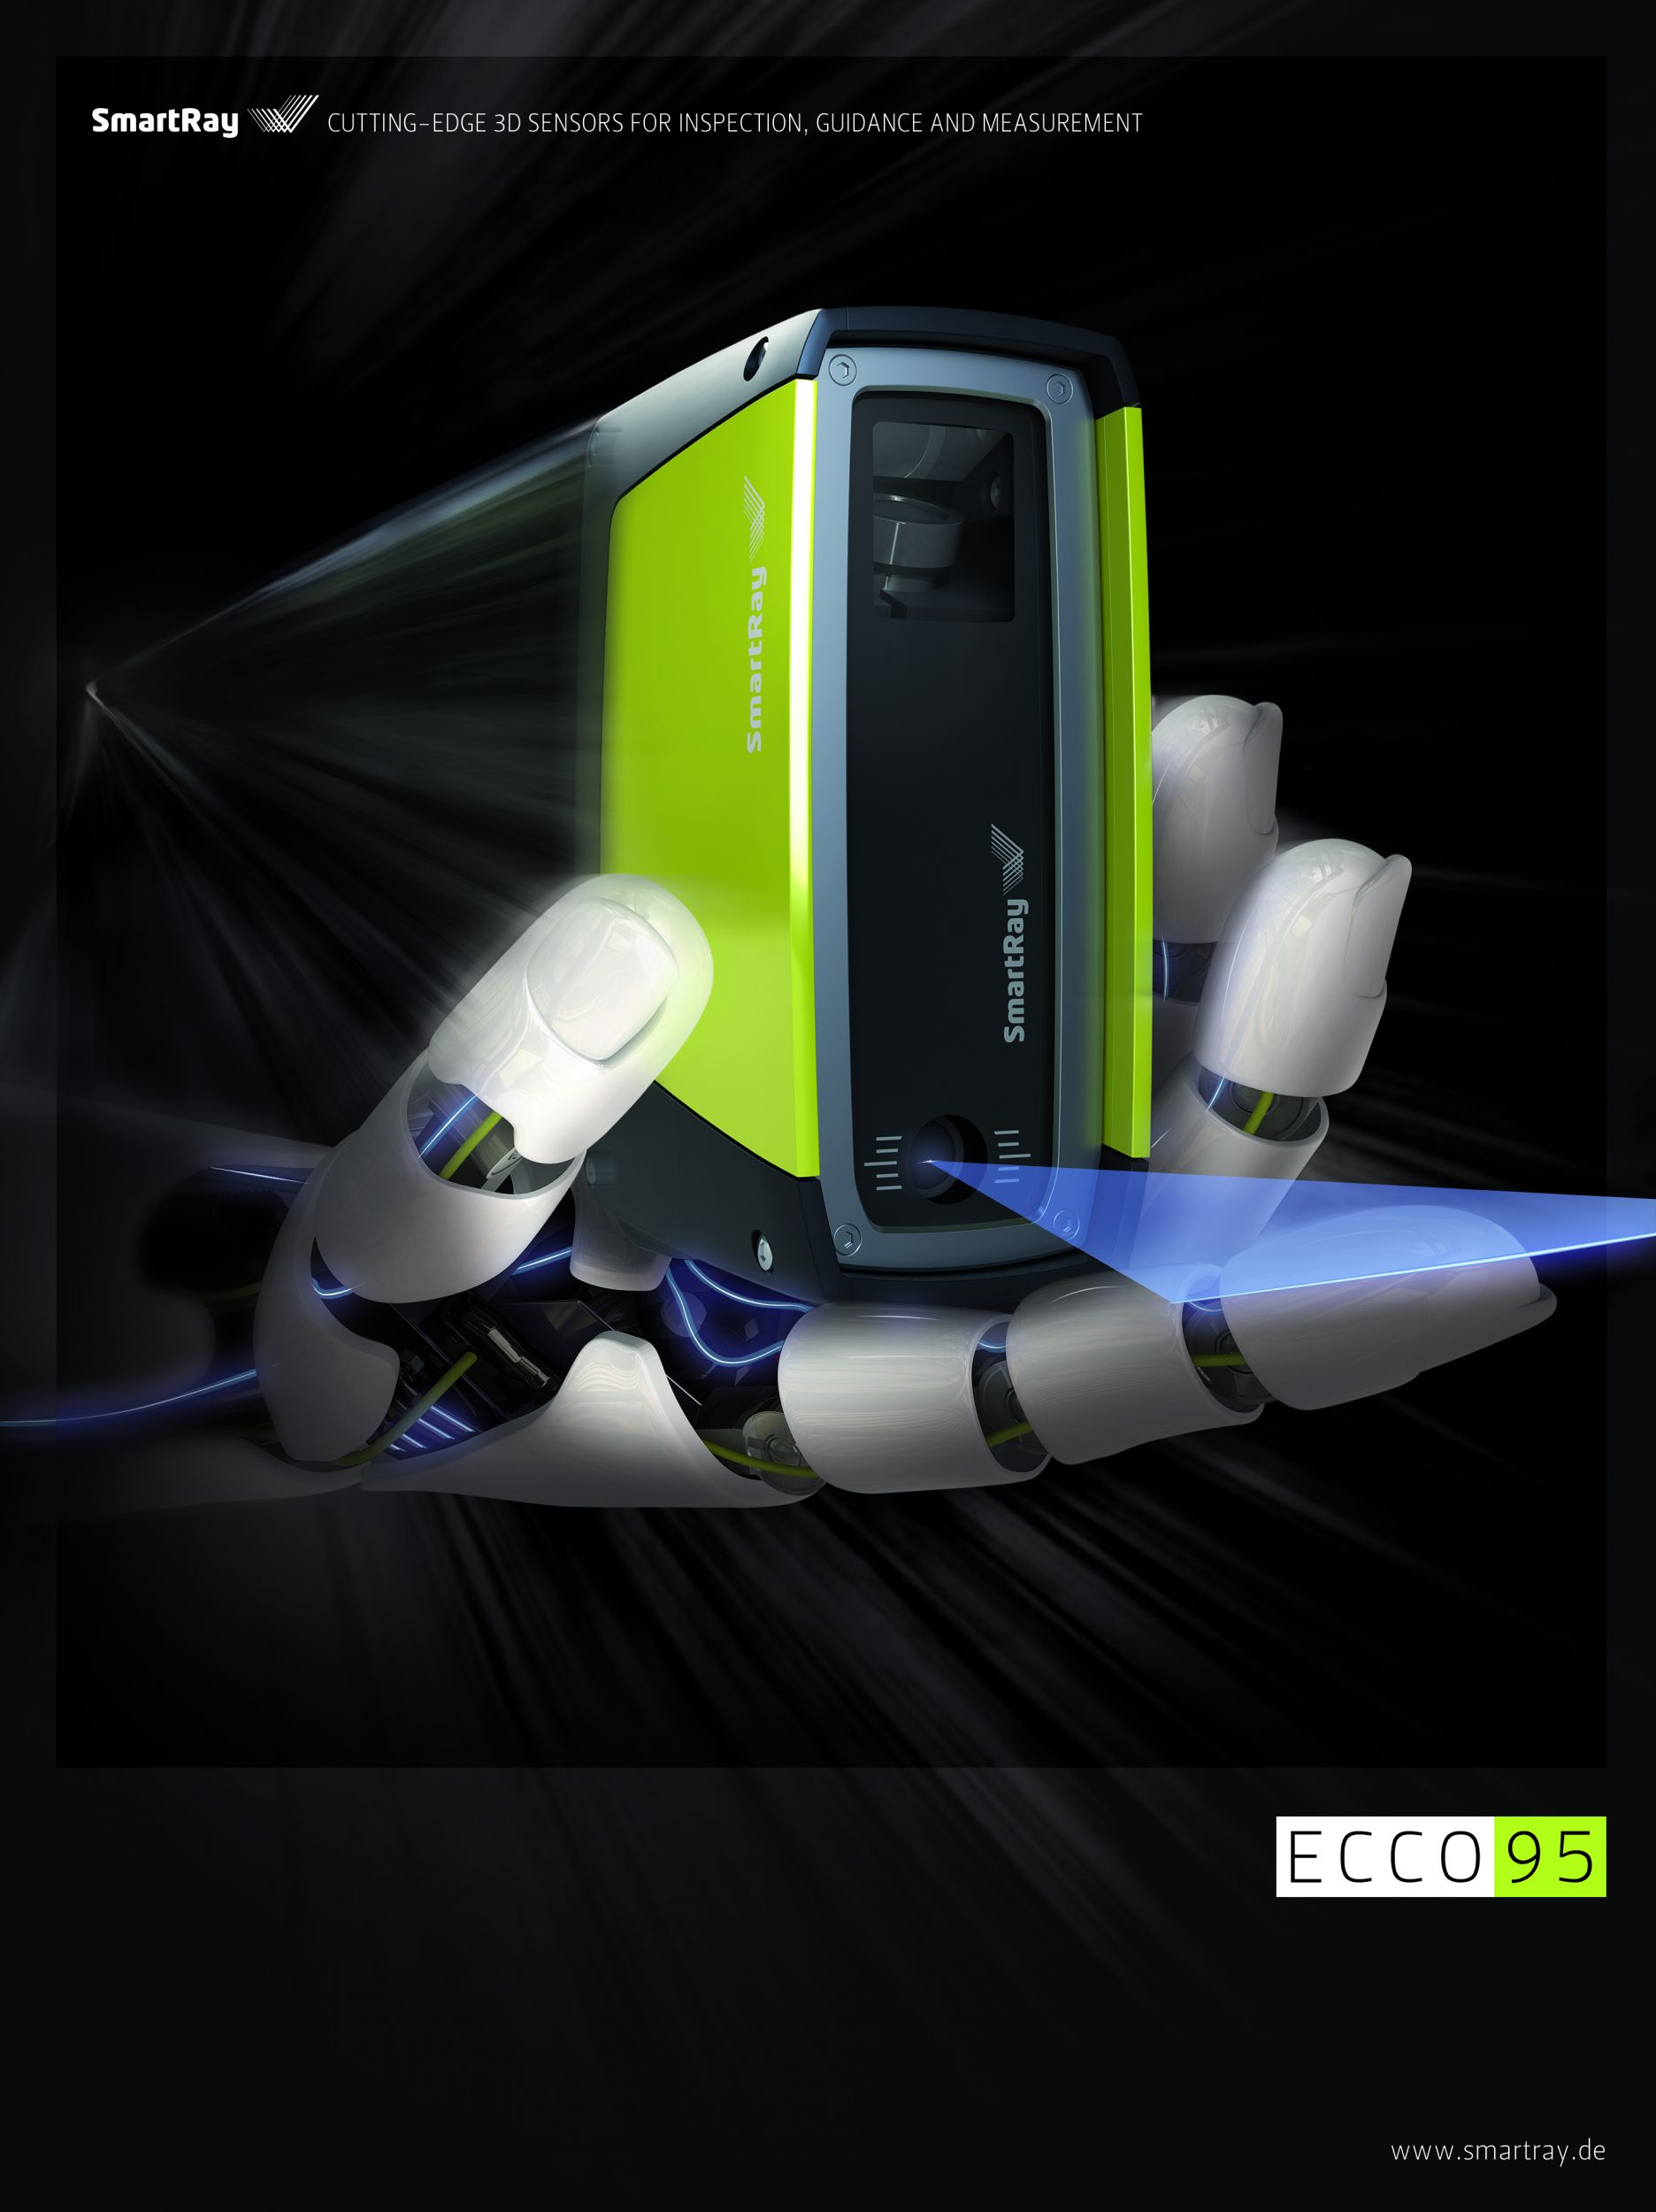 High Definition in High Speed: Die neue ECCO 95 Serie von SmartRay